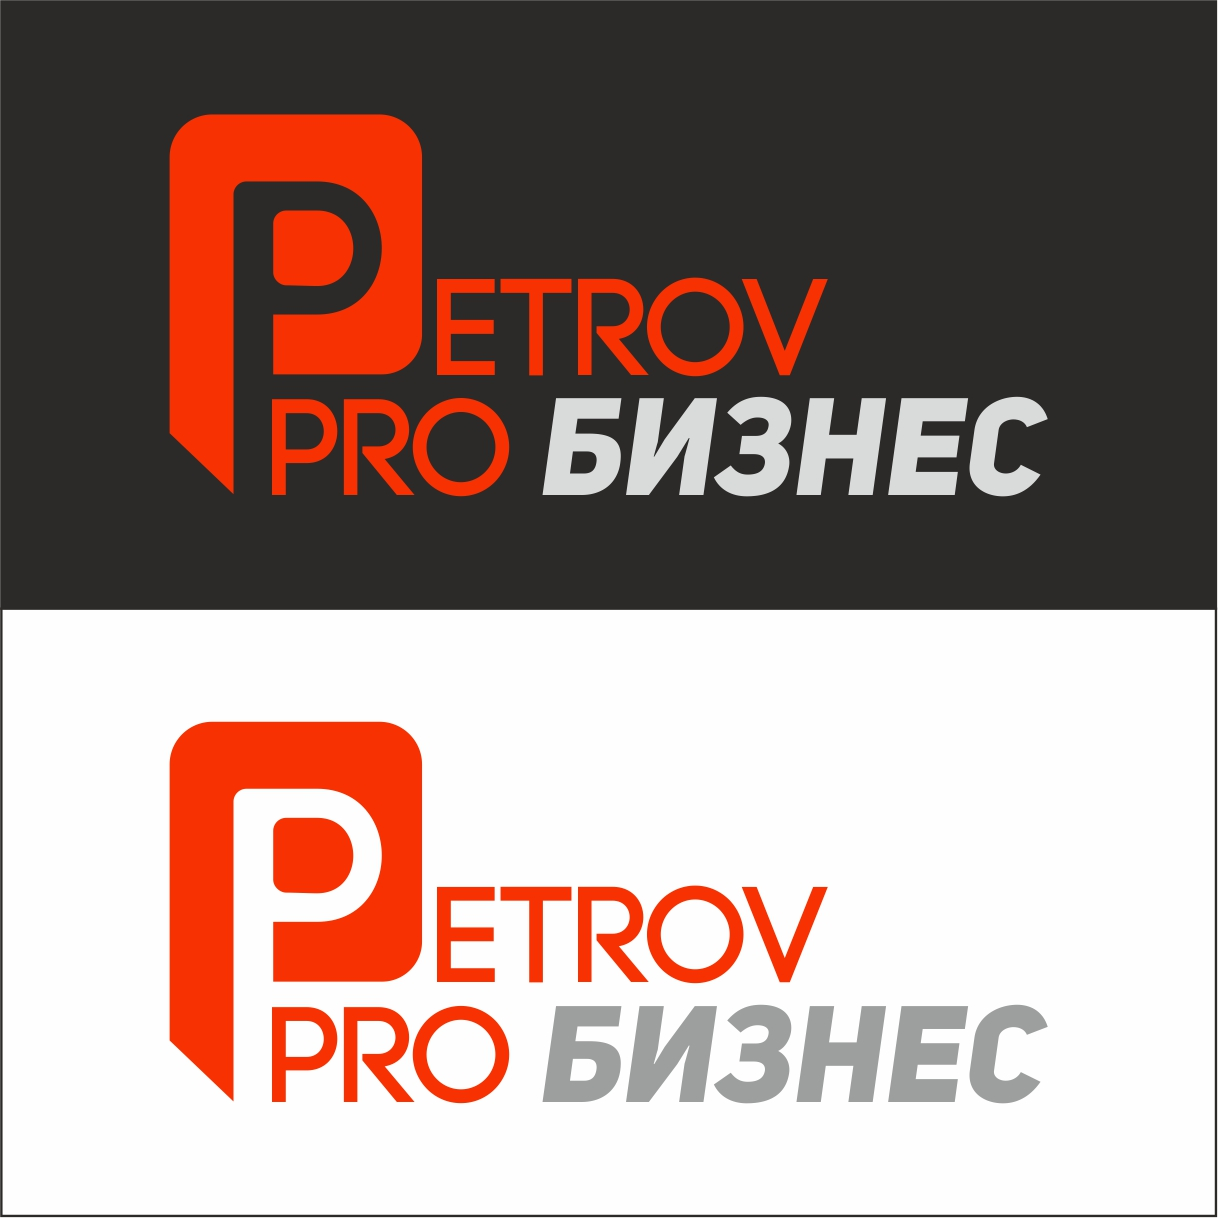 Создать логотип для YouTube канала  фото f_3205bffb5f11b39f.jpg